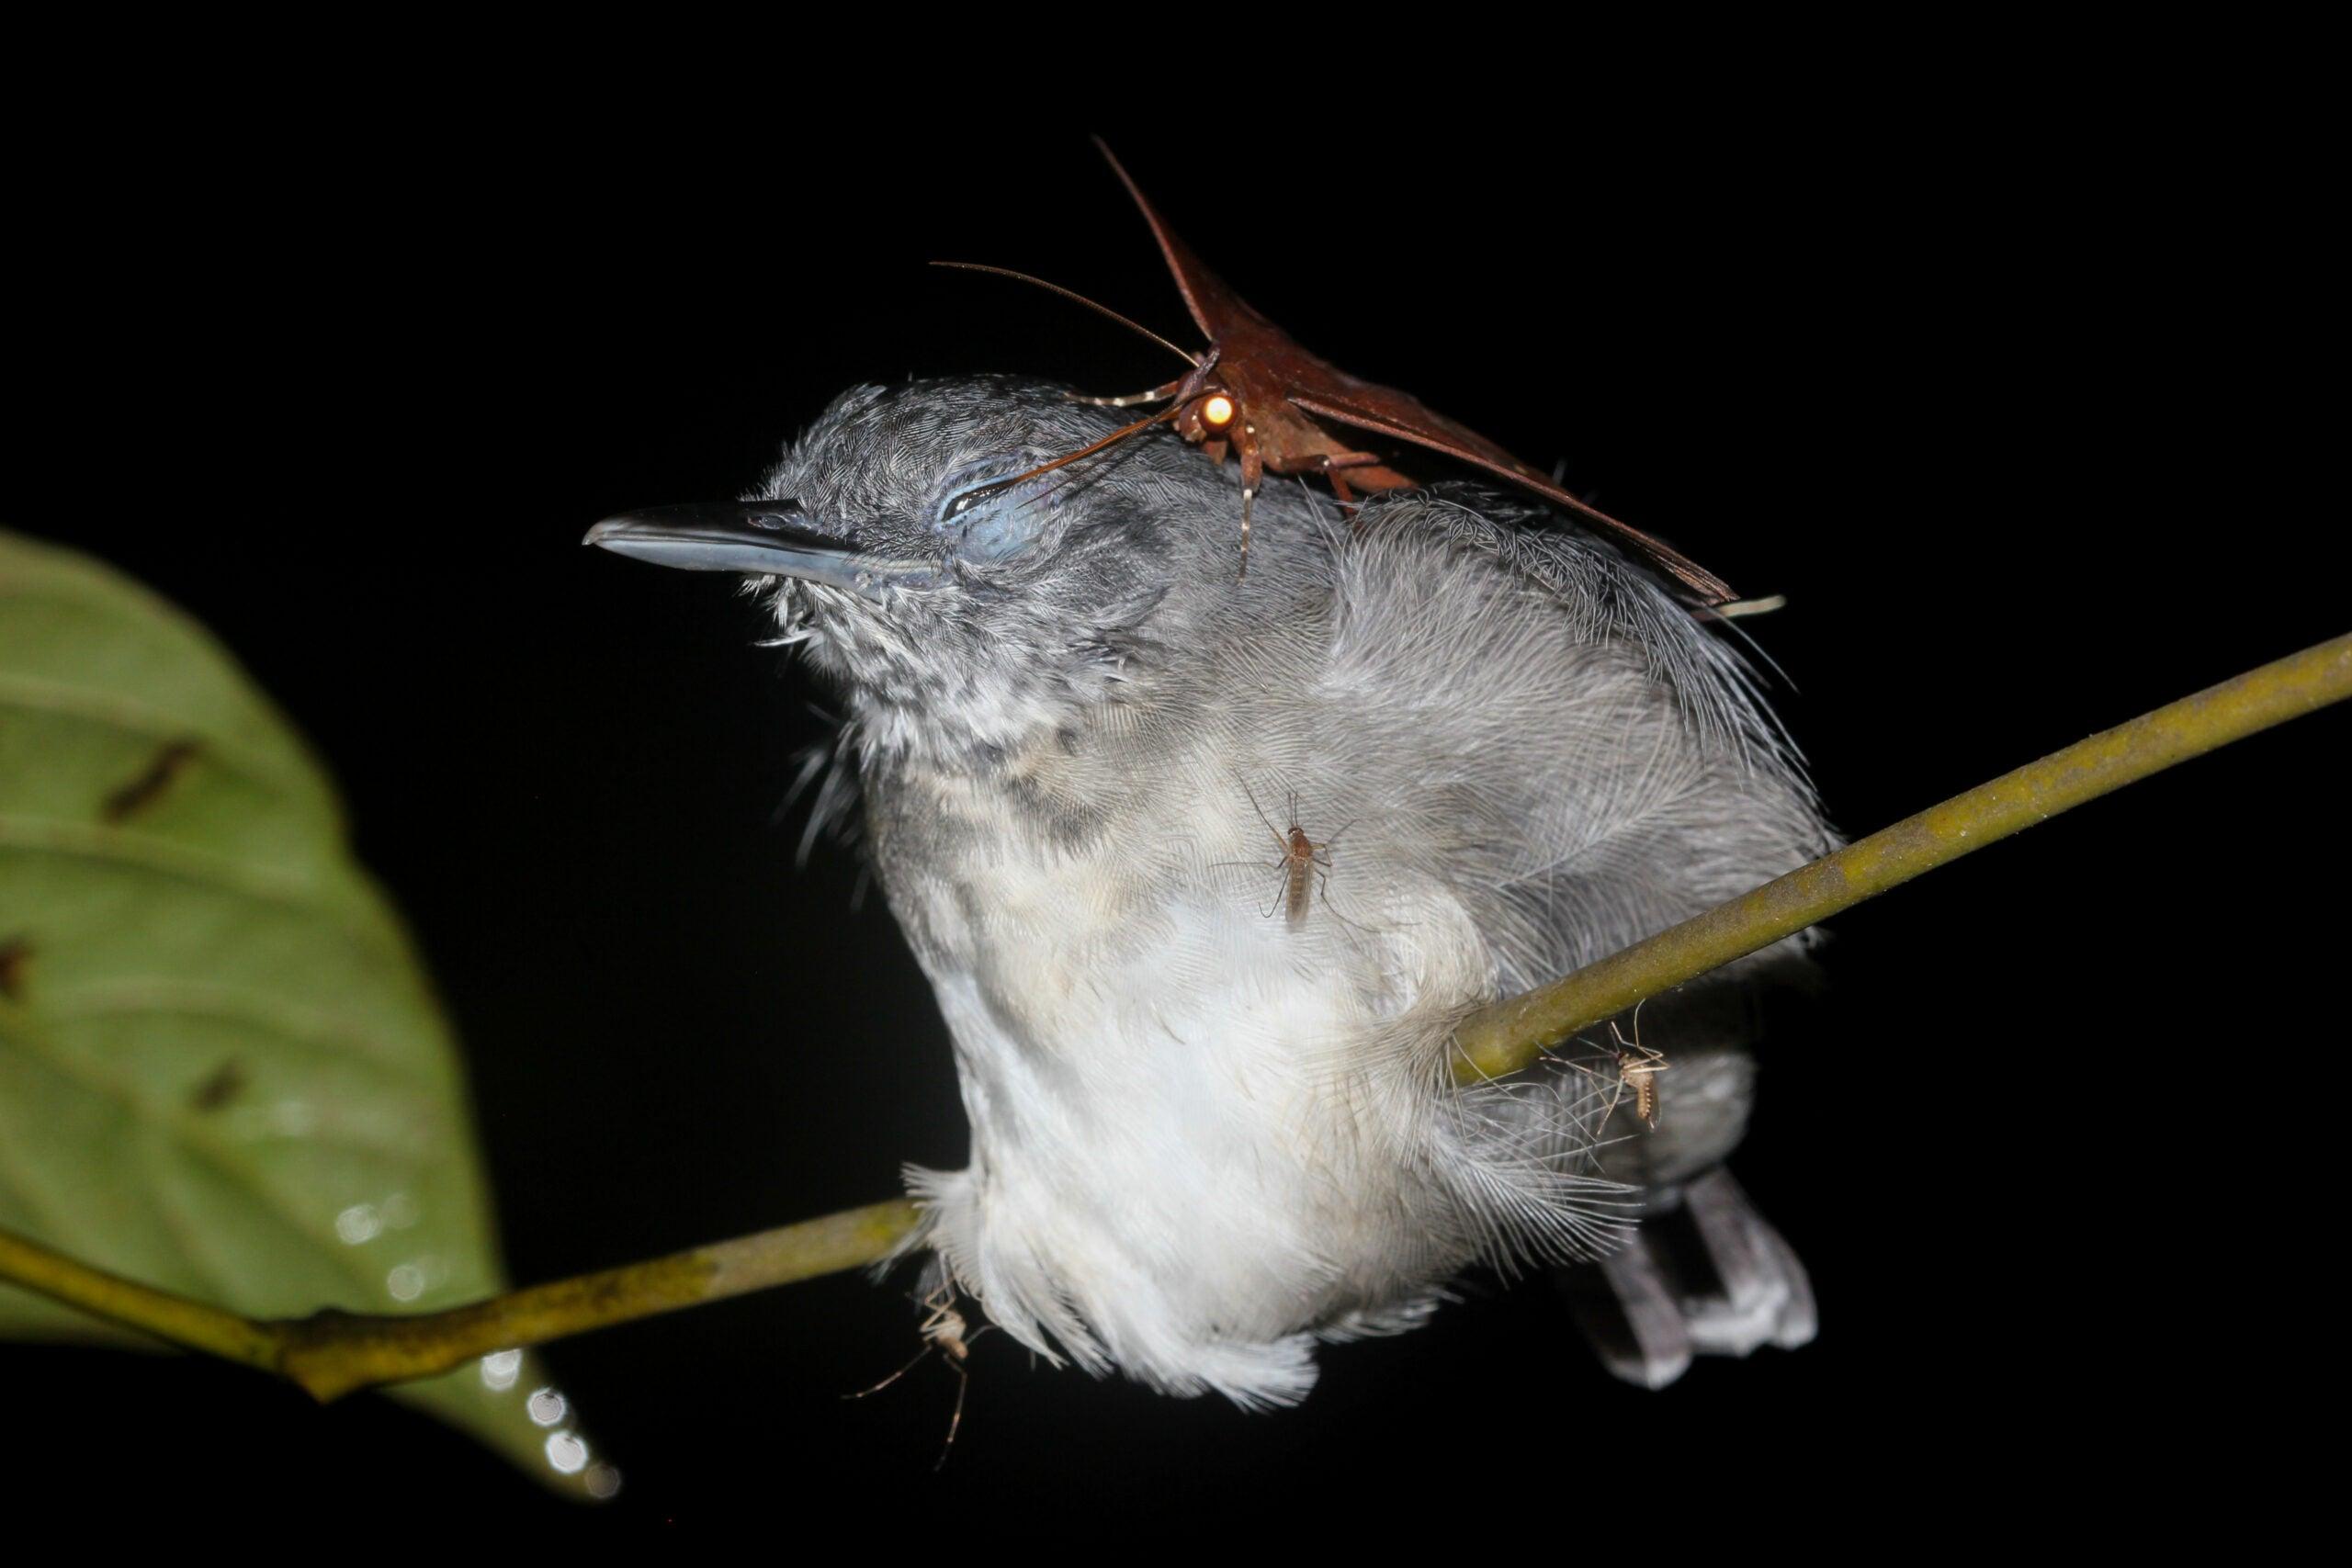 Megapixels: A moth drinks tears from a bird's eye